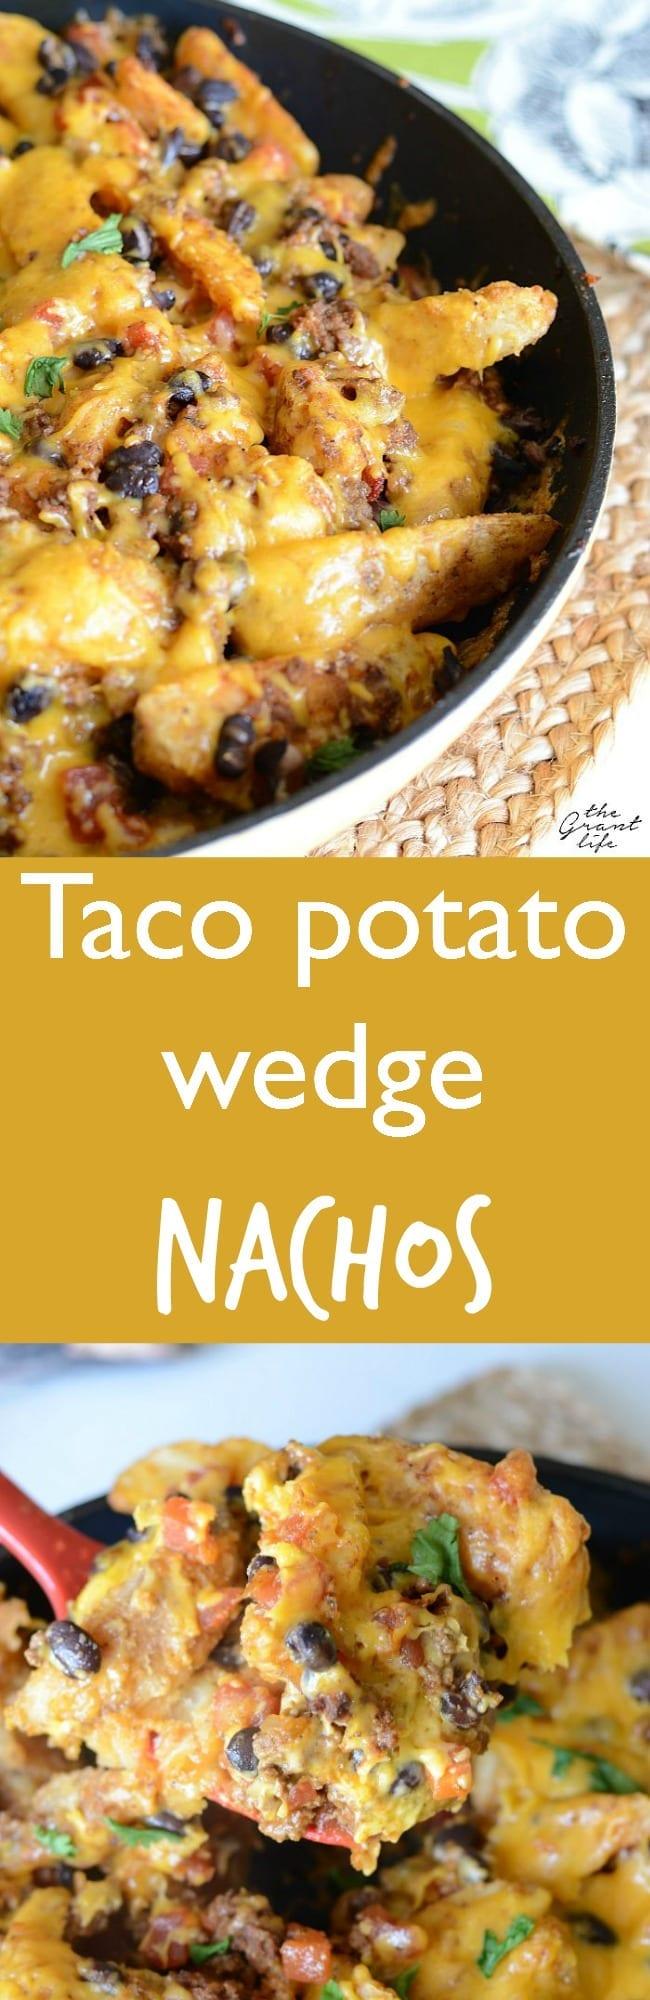 Taco potato wedge nachos